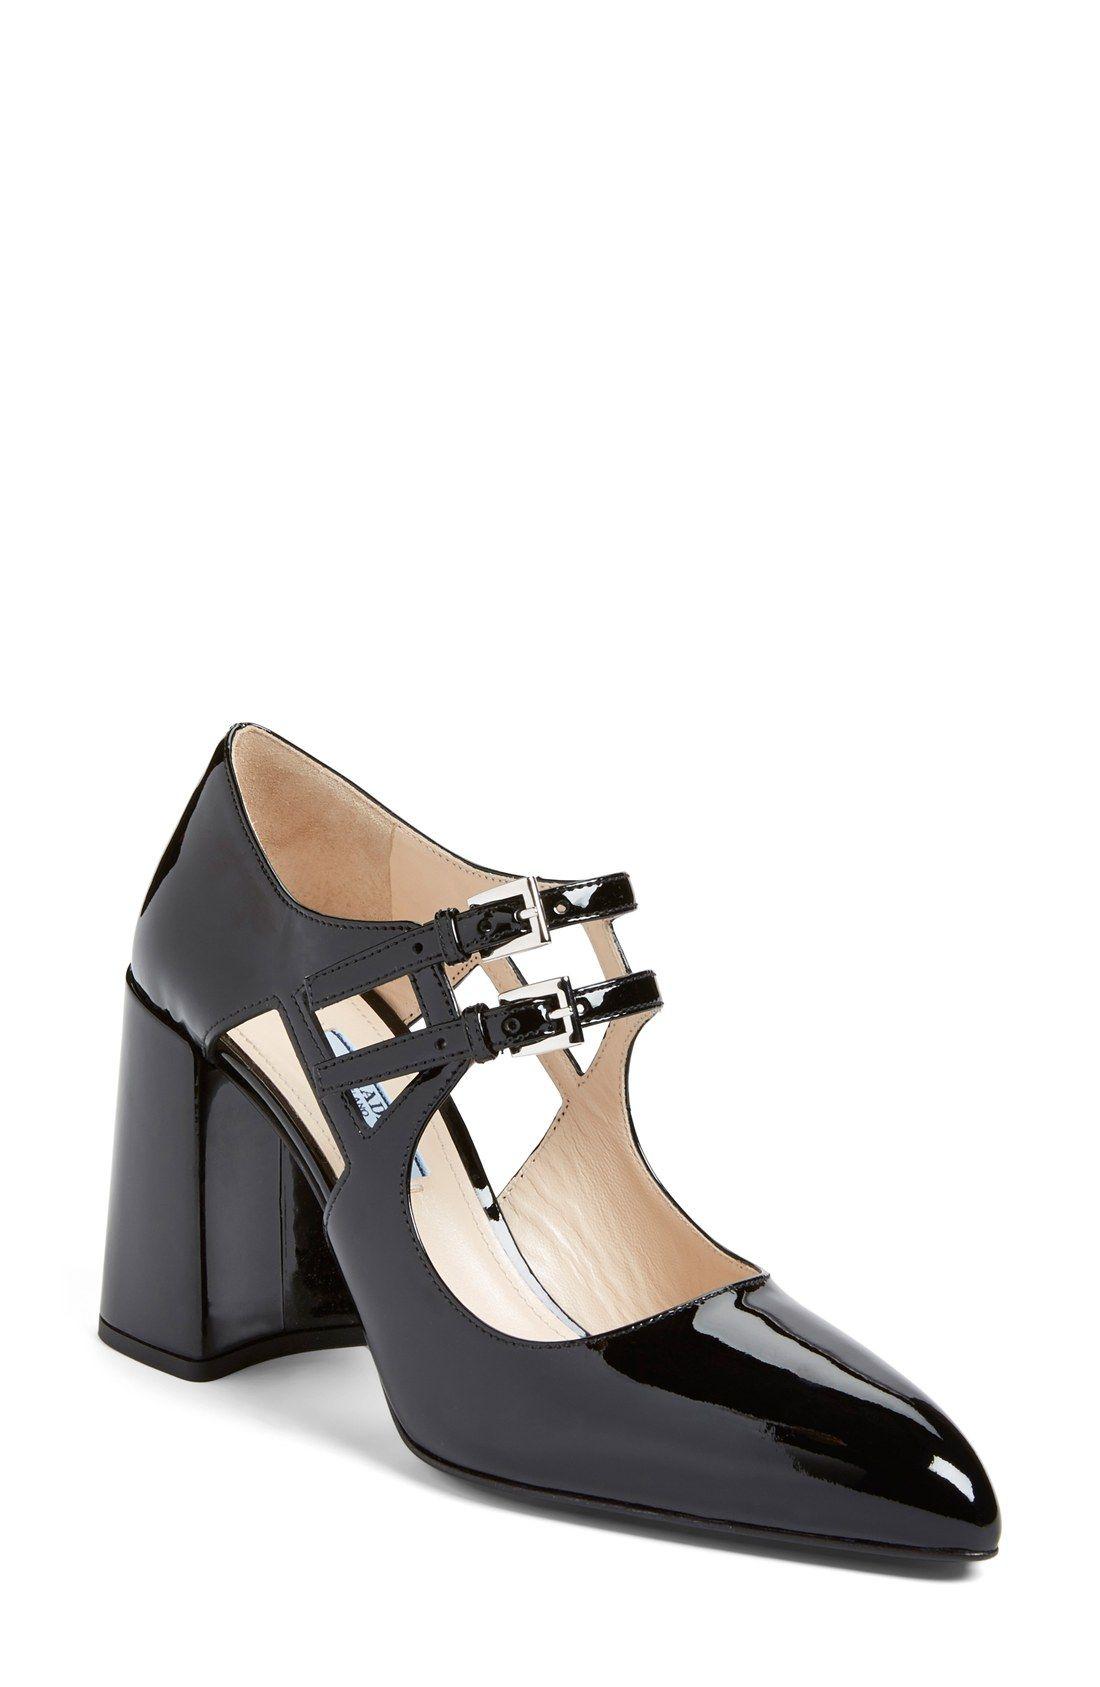 bbfe1ab8c Prada Double Mary Jane Pump (Women) | Fashion Products | Mary jane ...